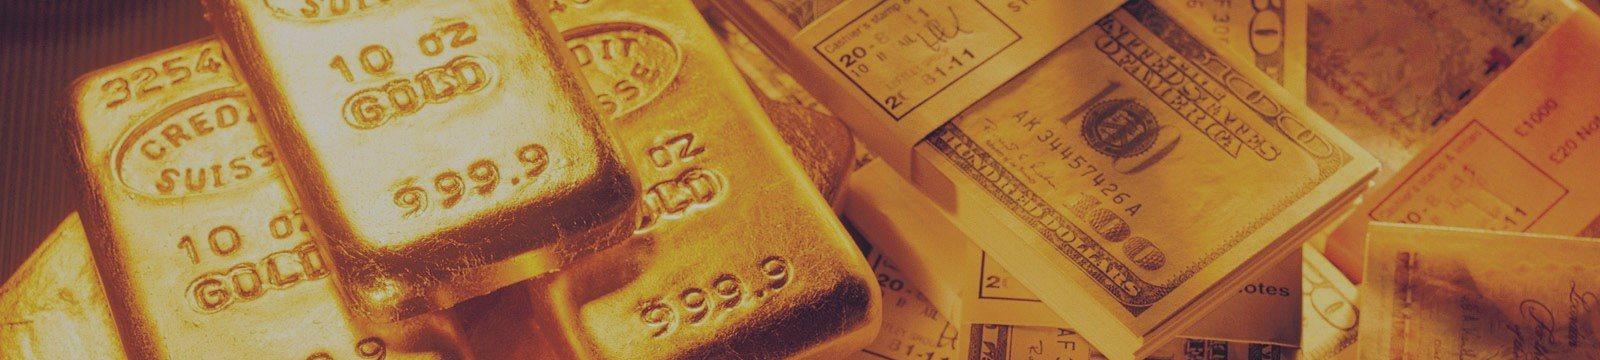 美元攀升黄金尽吐日内涨幅 金价本周前路仍坎坷